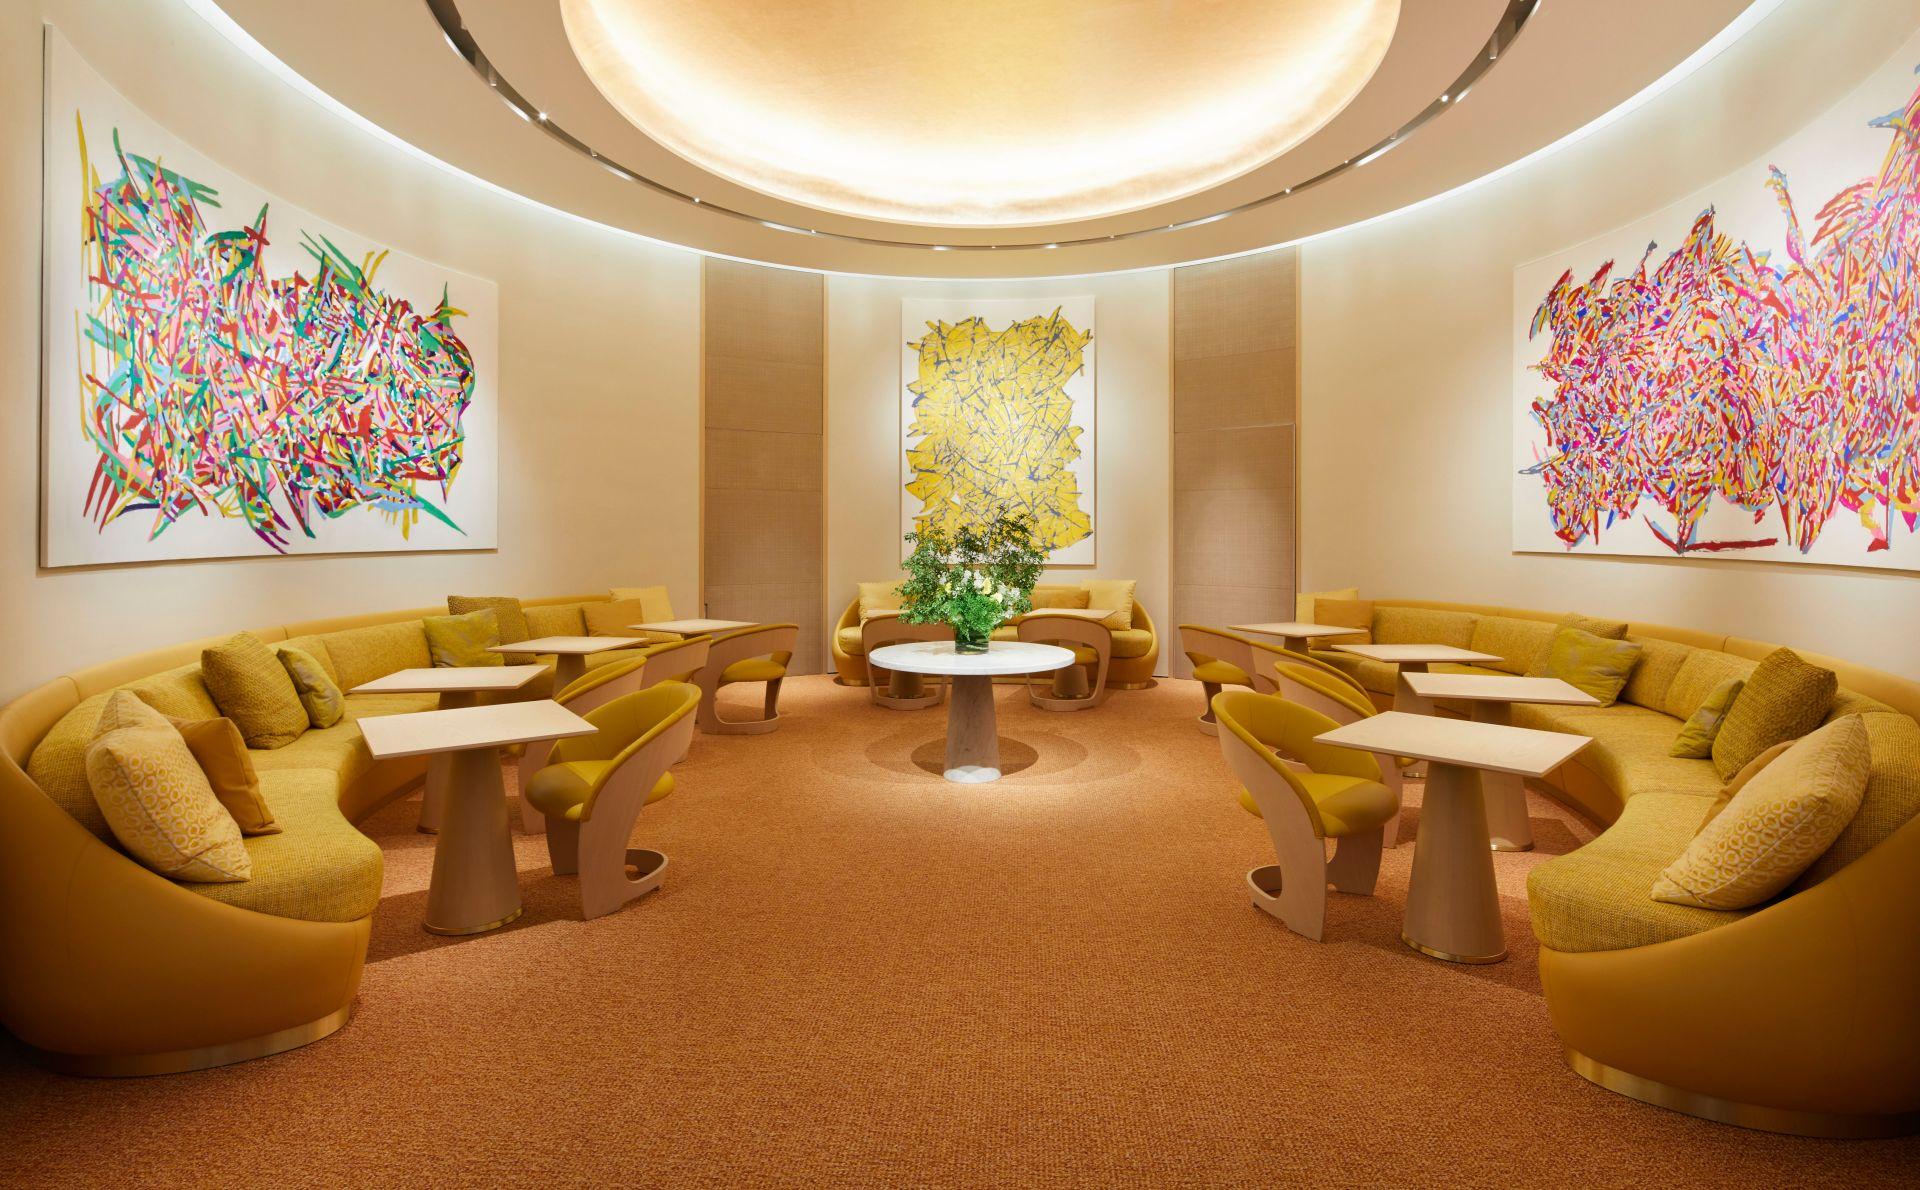 Uno dei suggestivi ambienti dello store Louis Vuitton di Osaka, pensato per assomigliare a uno yacht di lusso (Courtesy: Louis Vuitton)